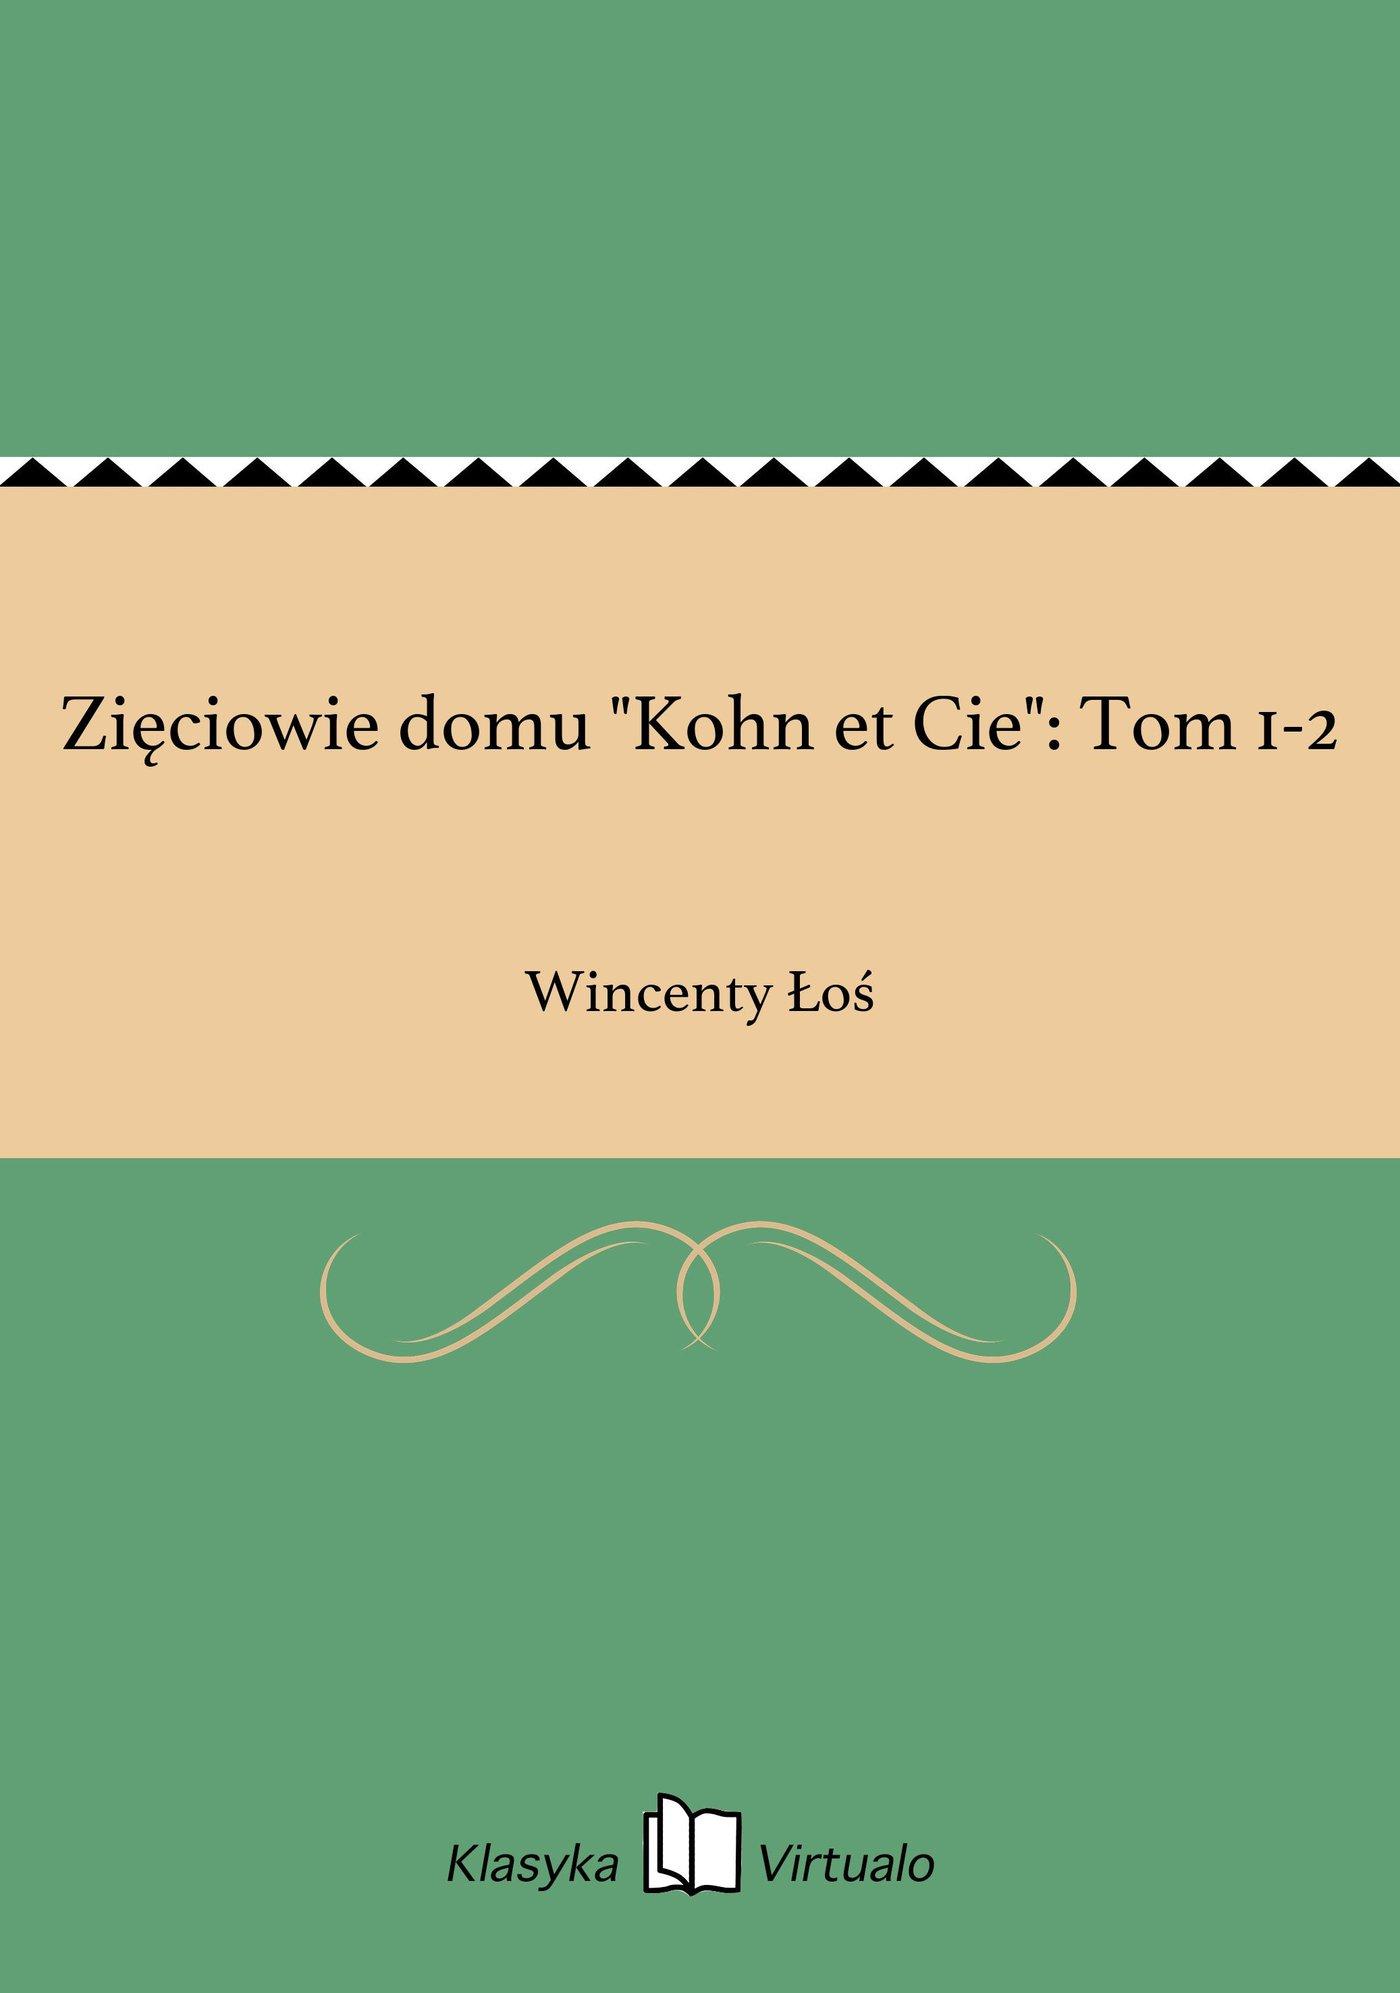 """Zięciowie domu """"Kohn et Cie"""": Tom 1-2 - Ebook (Książka EPUB) do pobrania w formacie EPUB"""